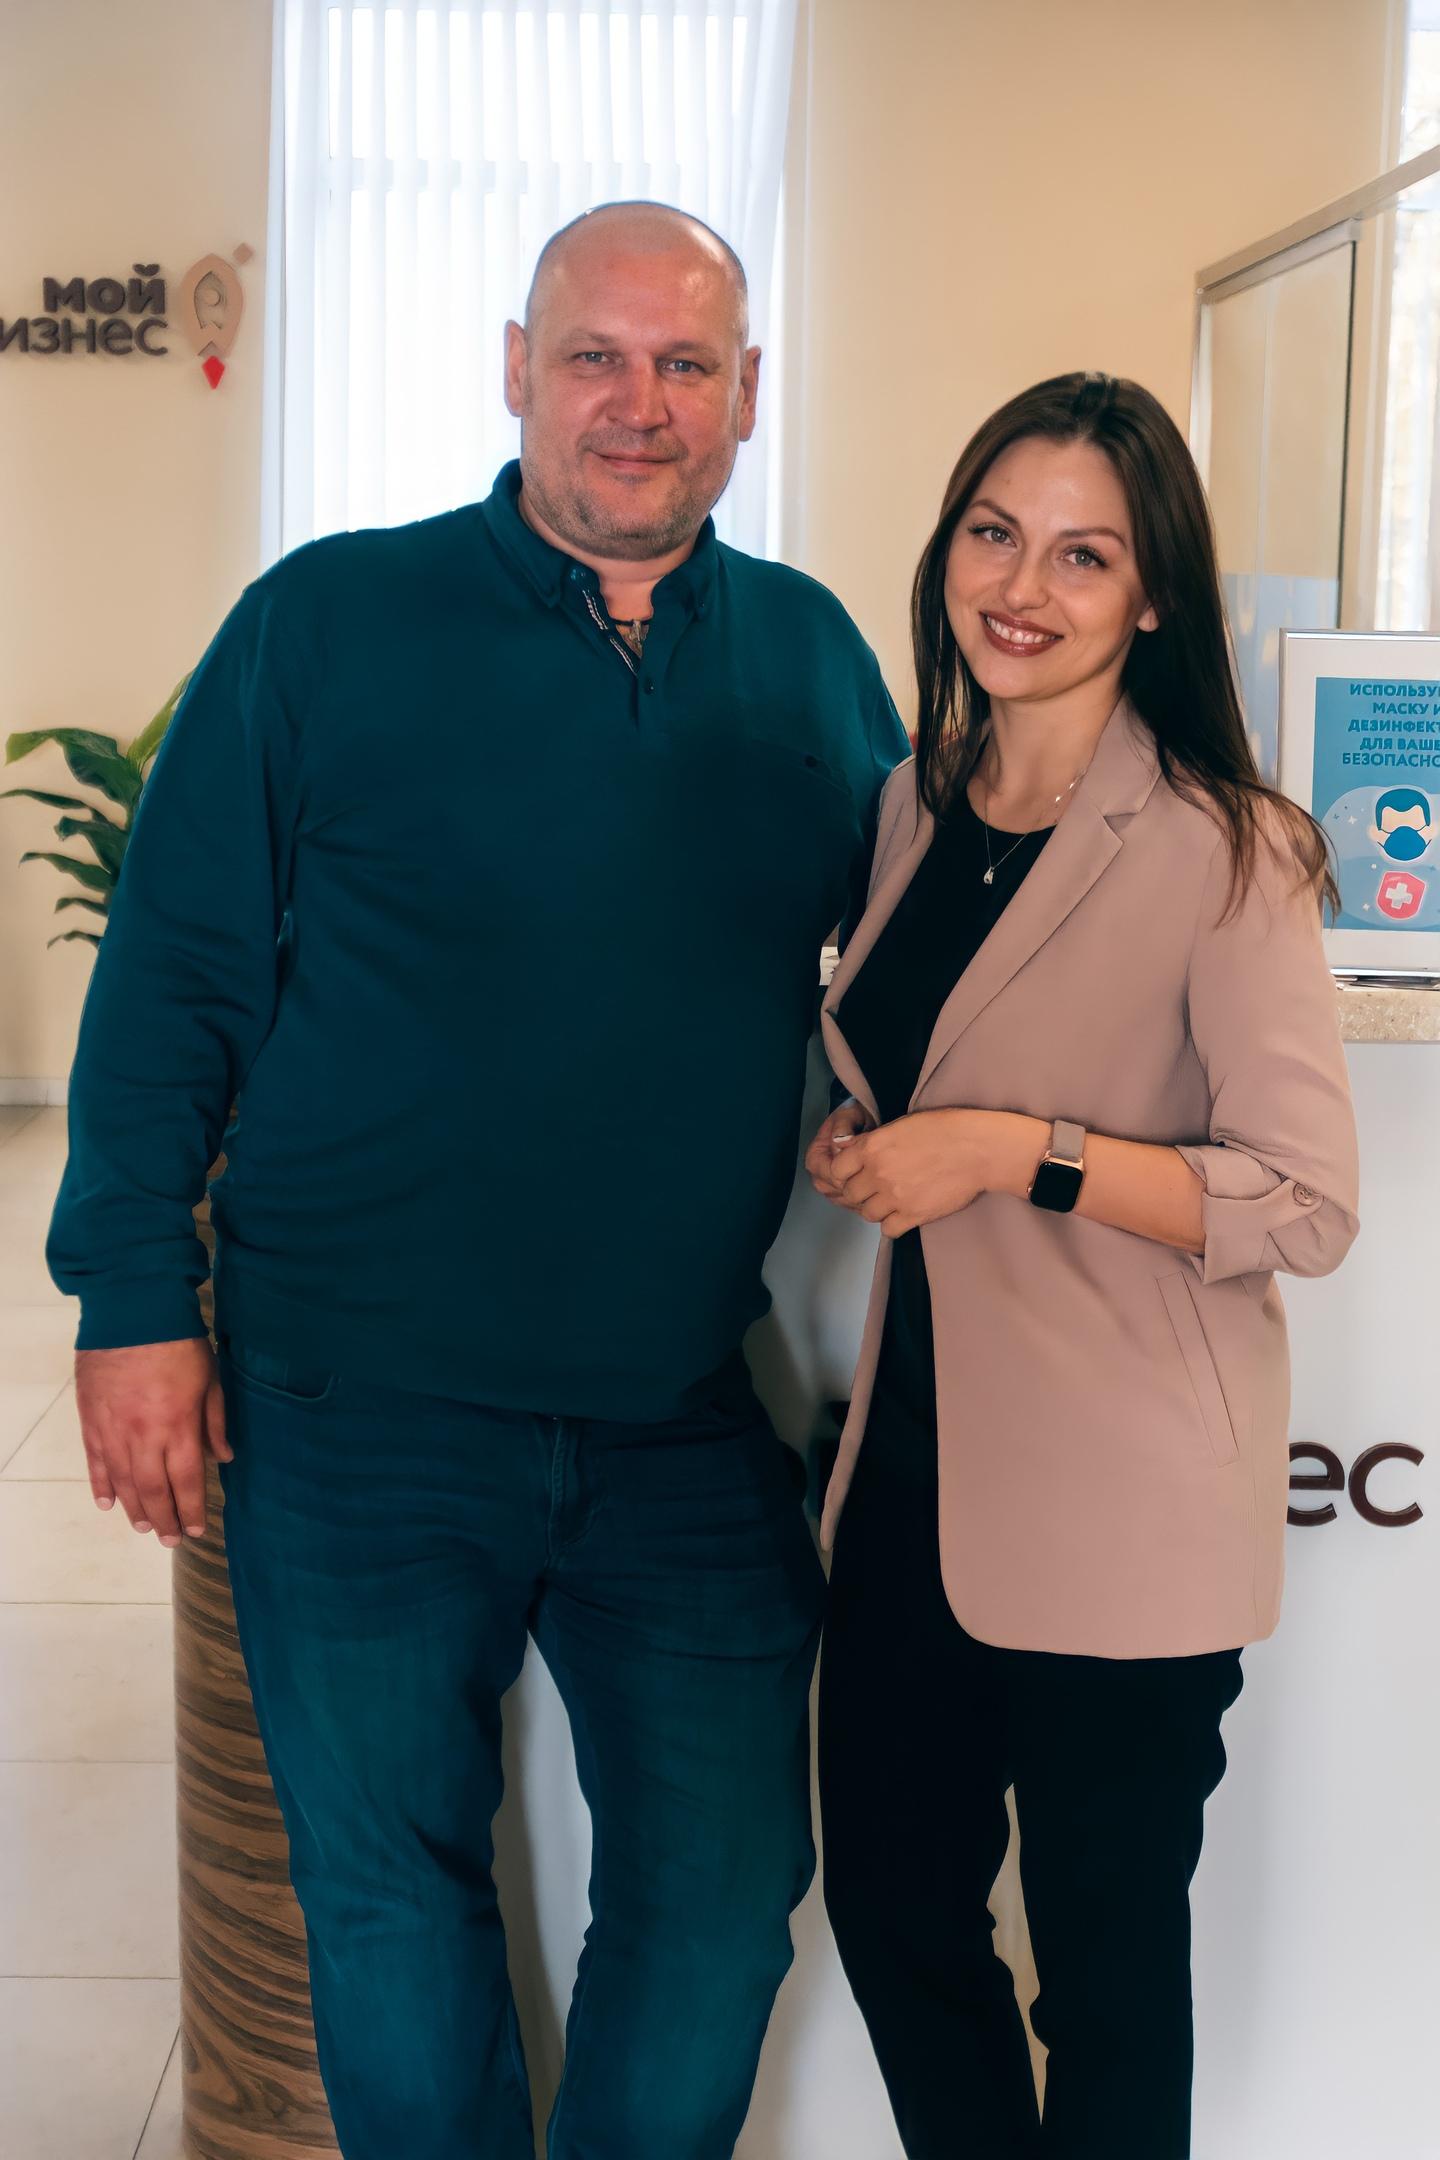 Генеральный директор Матвеев Е.А. провел рабочую встречу с директором Центра поддержки экспорта Афанасовой В.С.